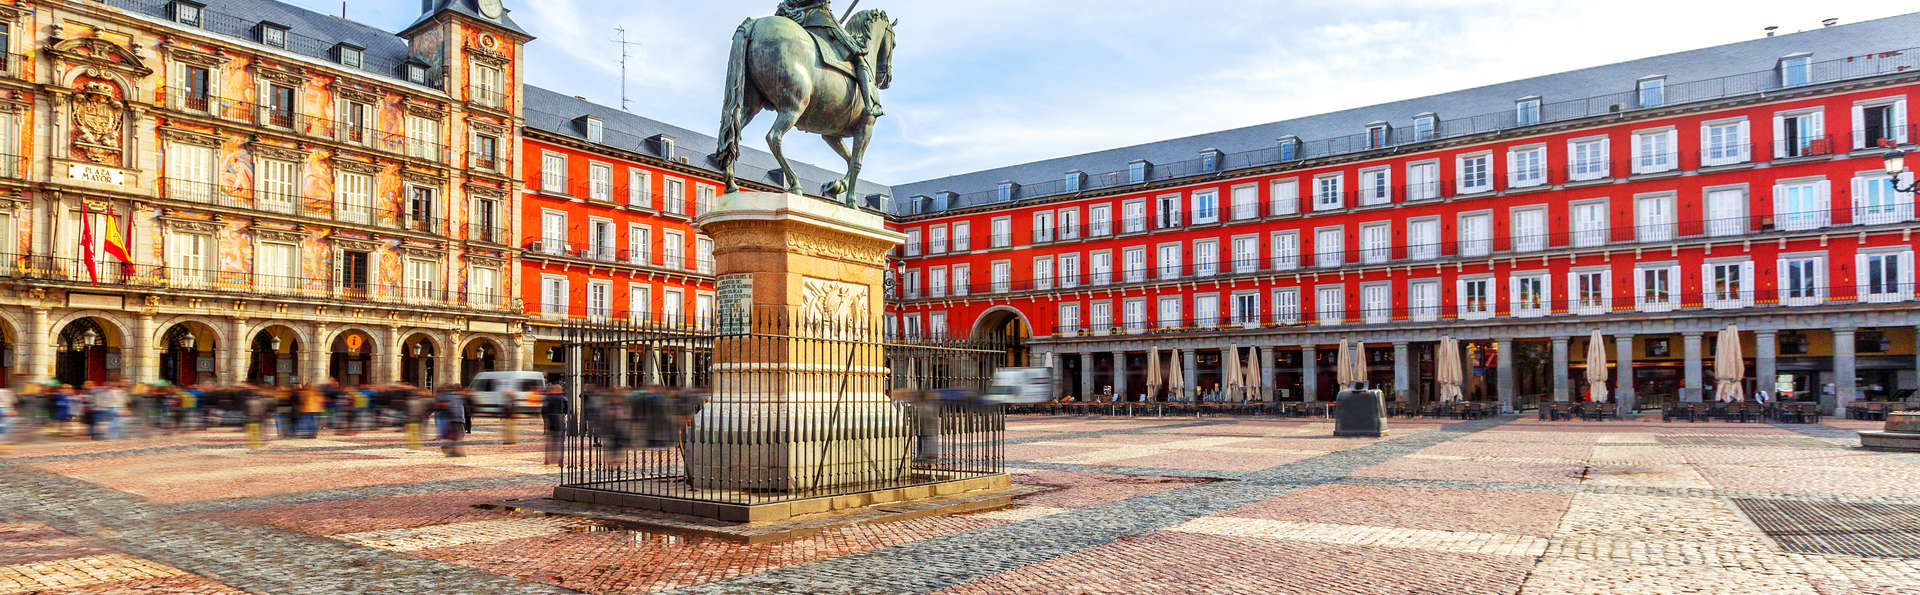 Especial Relaxing Cup of Café con Leche: escapada en hotel junto a la Plaza Mayor